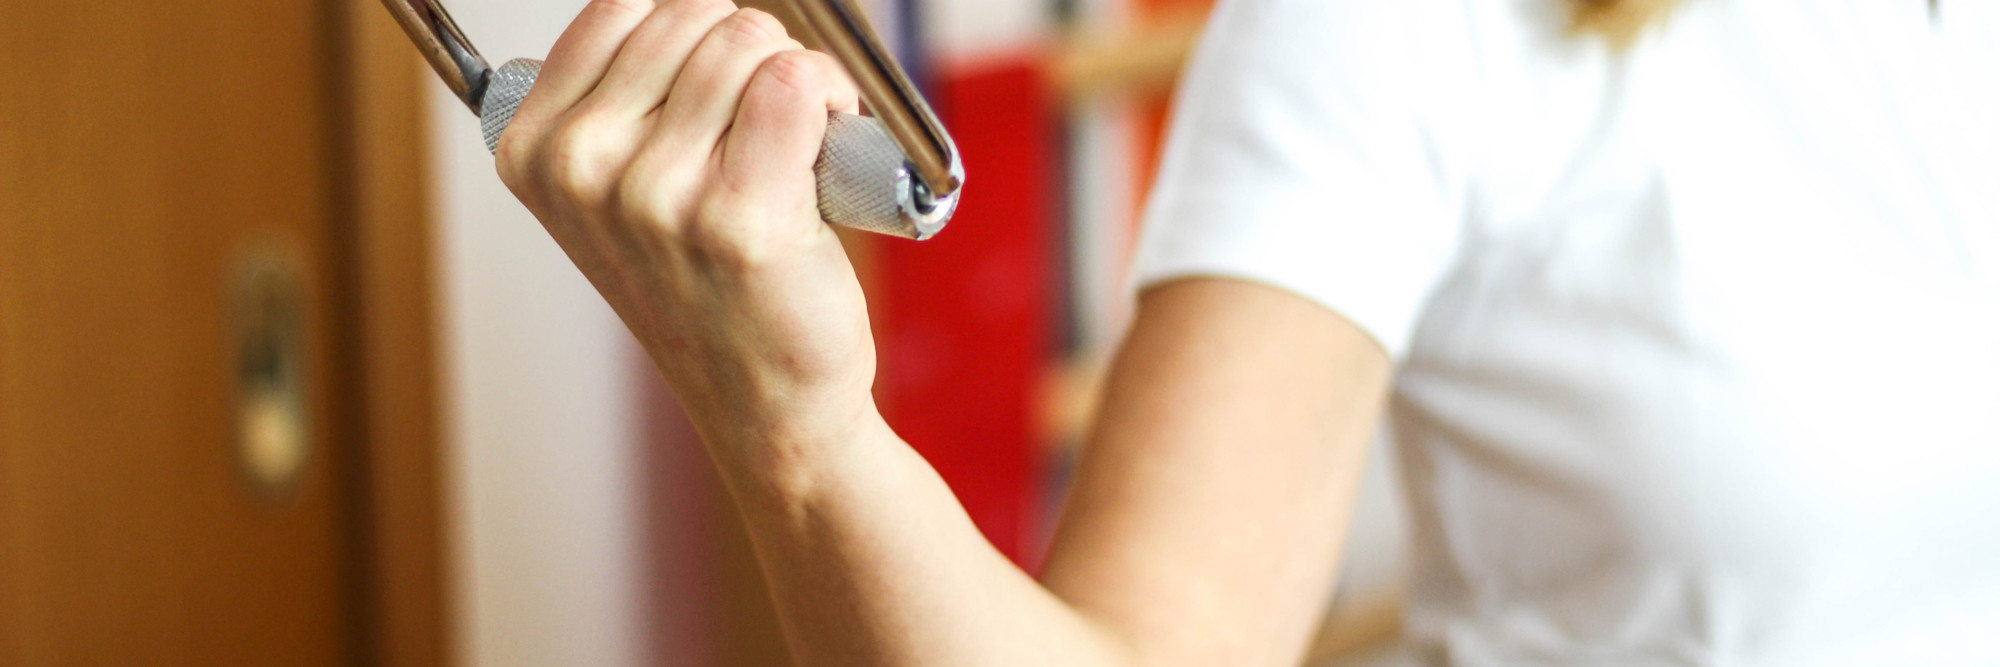 Armtraining: Eine Frau bei einer physiotherapeutischen Übung.